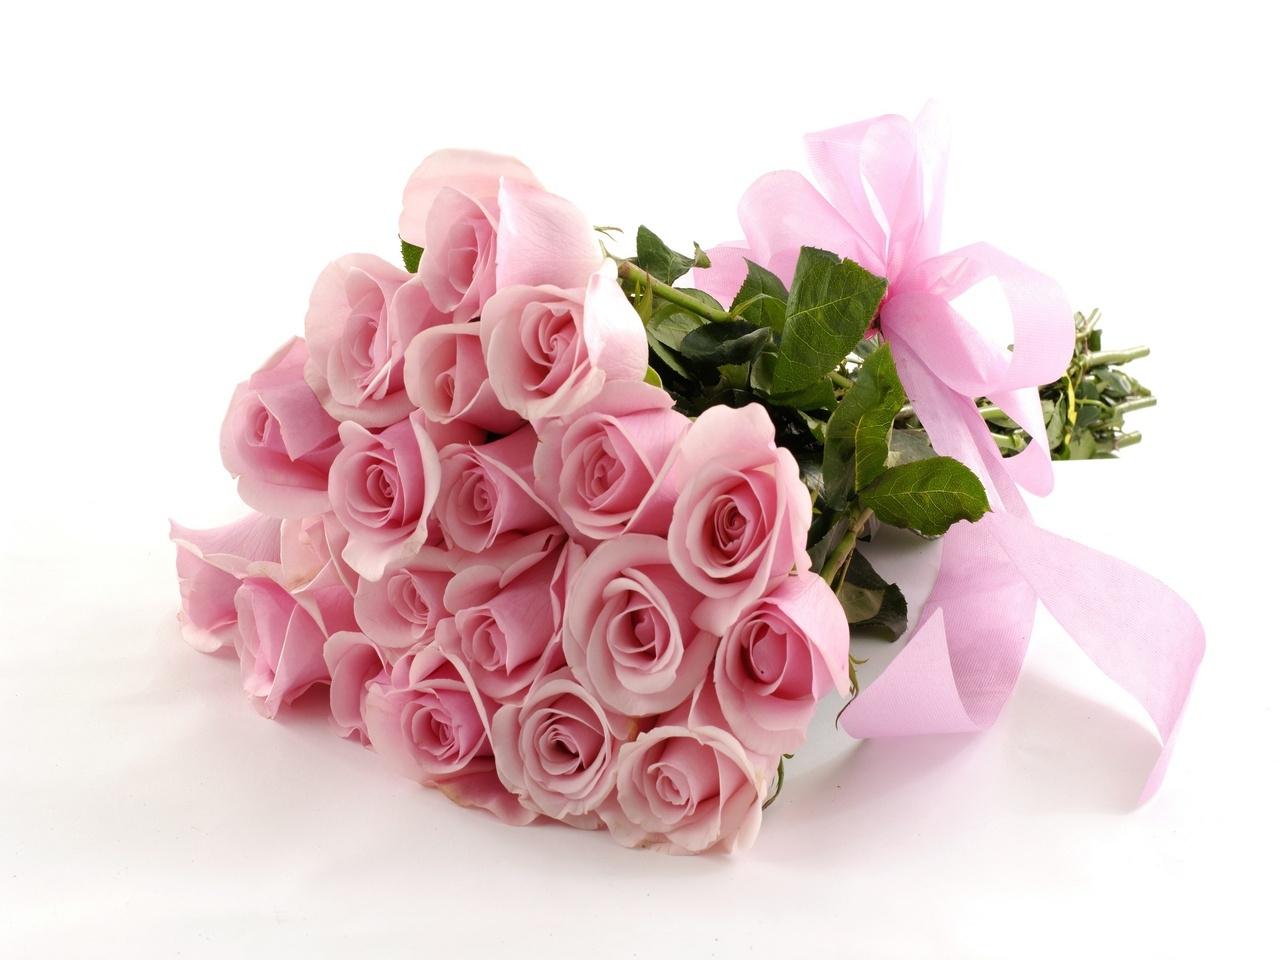 32719 скачать обои Розы, Букеты, Растения, Цветы - заставки и картинки бесплатно